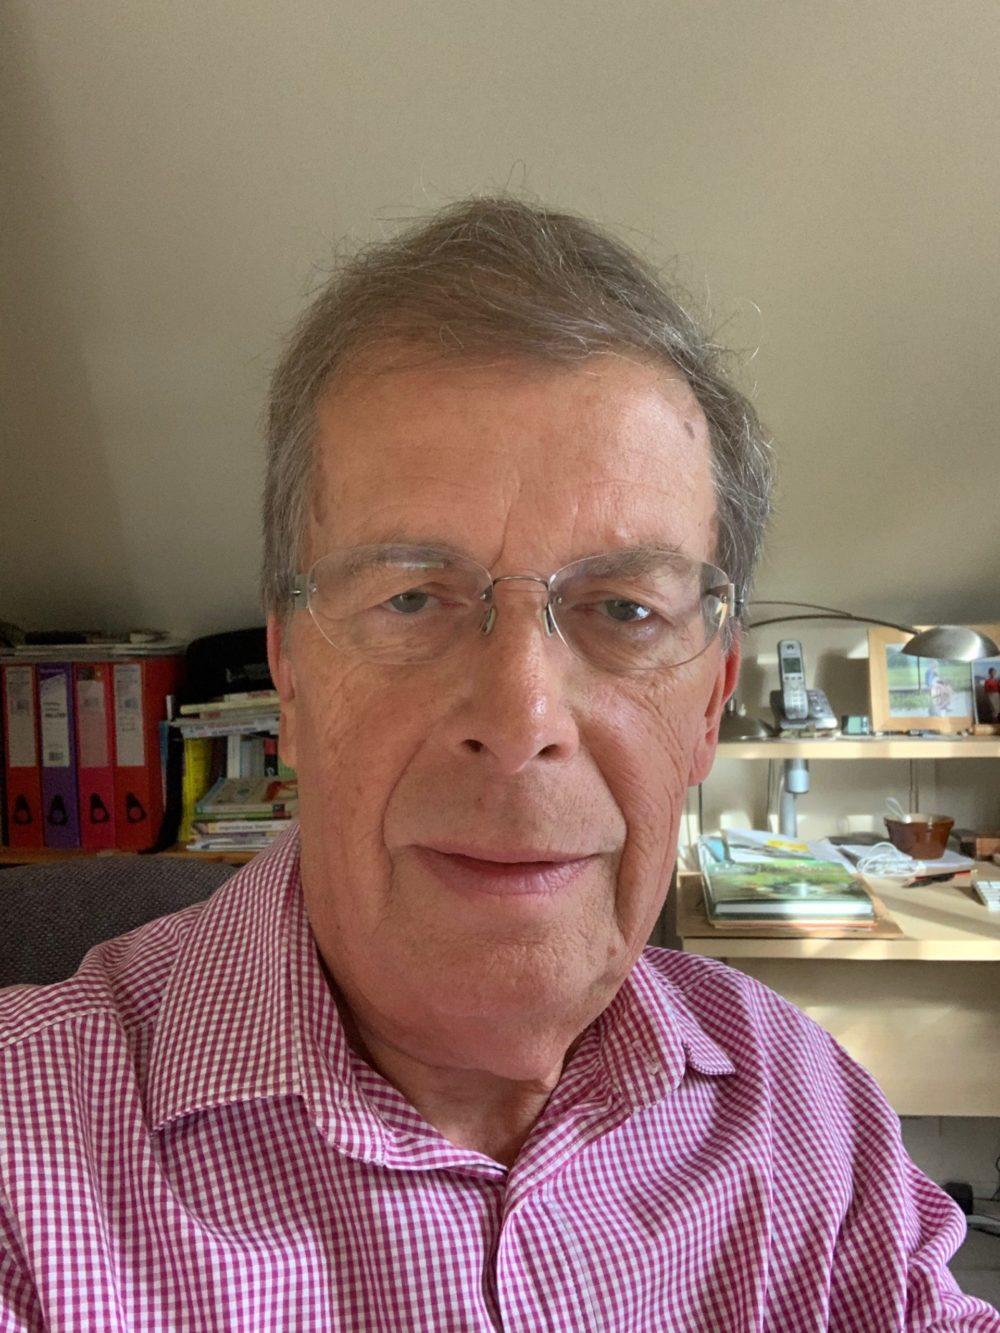 Photo of John Hartley wearing dark pink and white small check shirt.